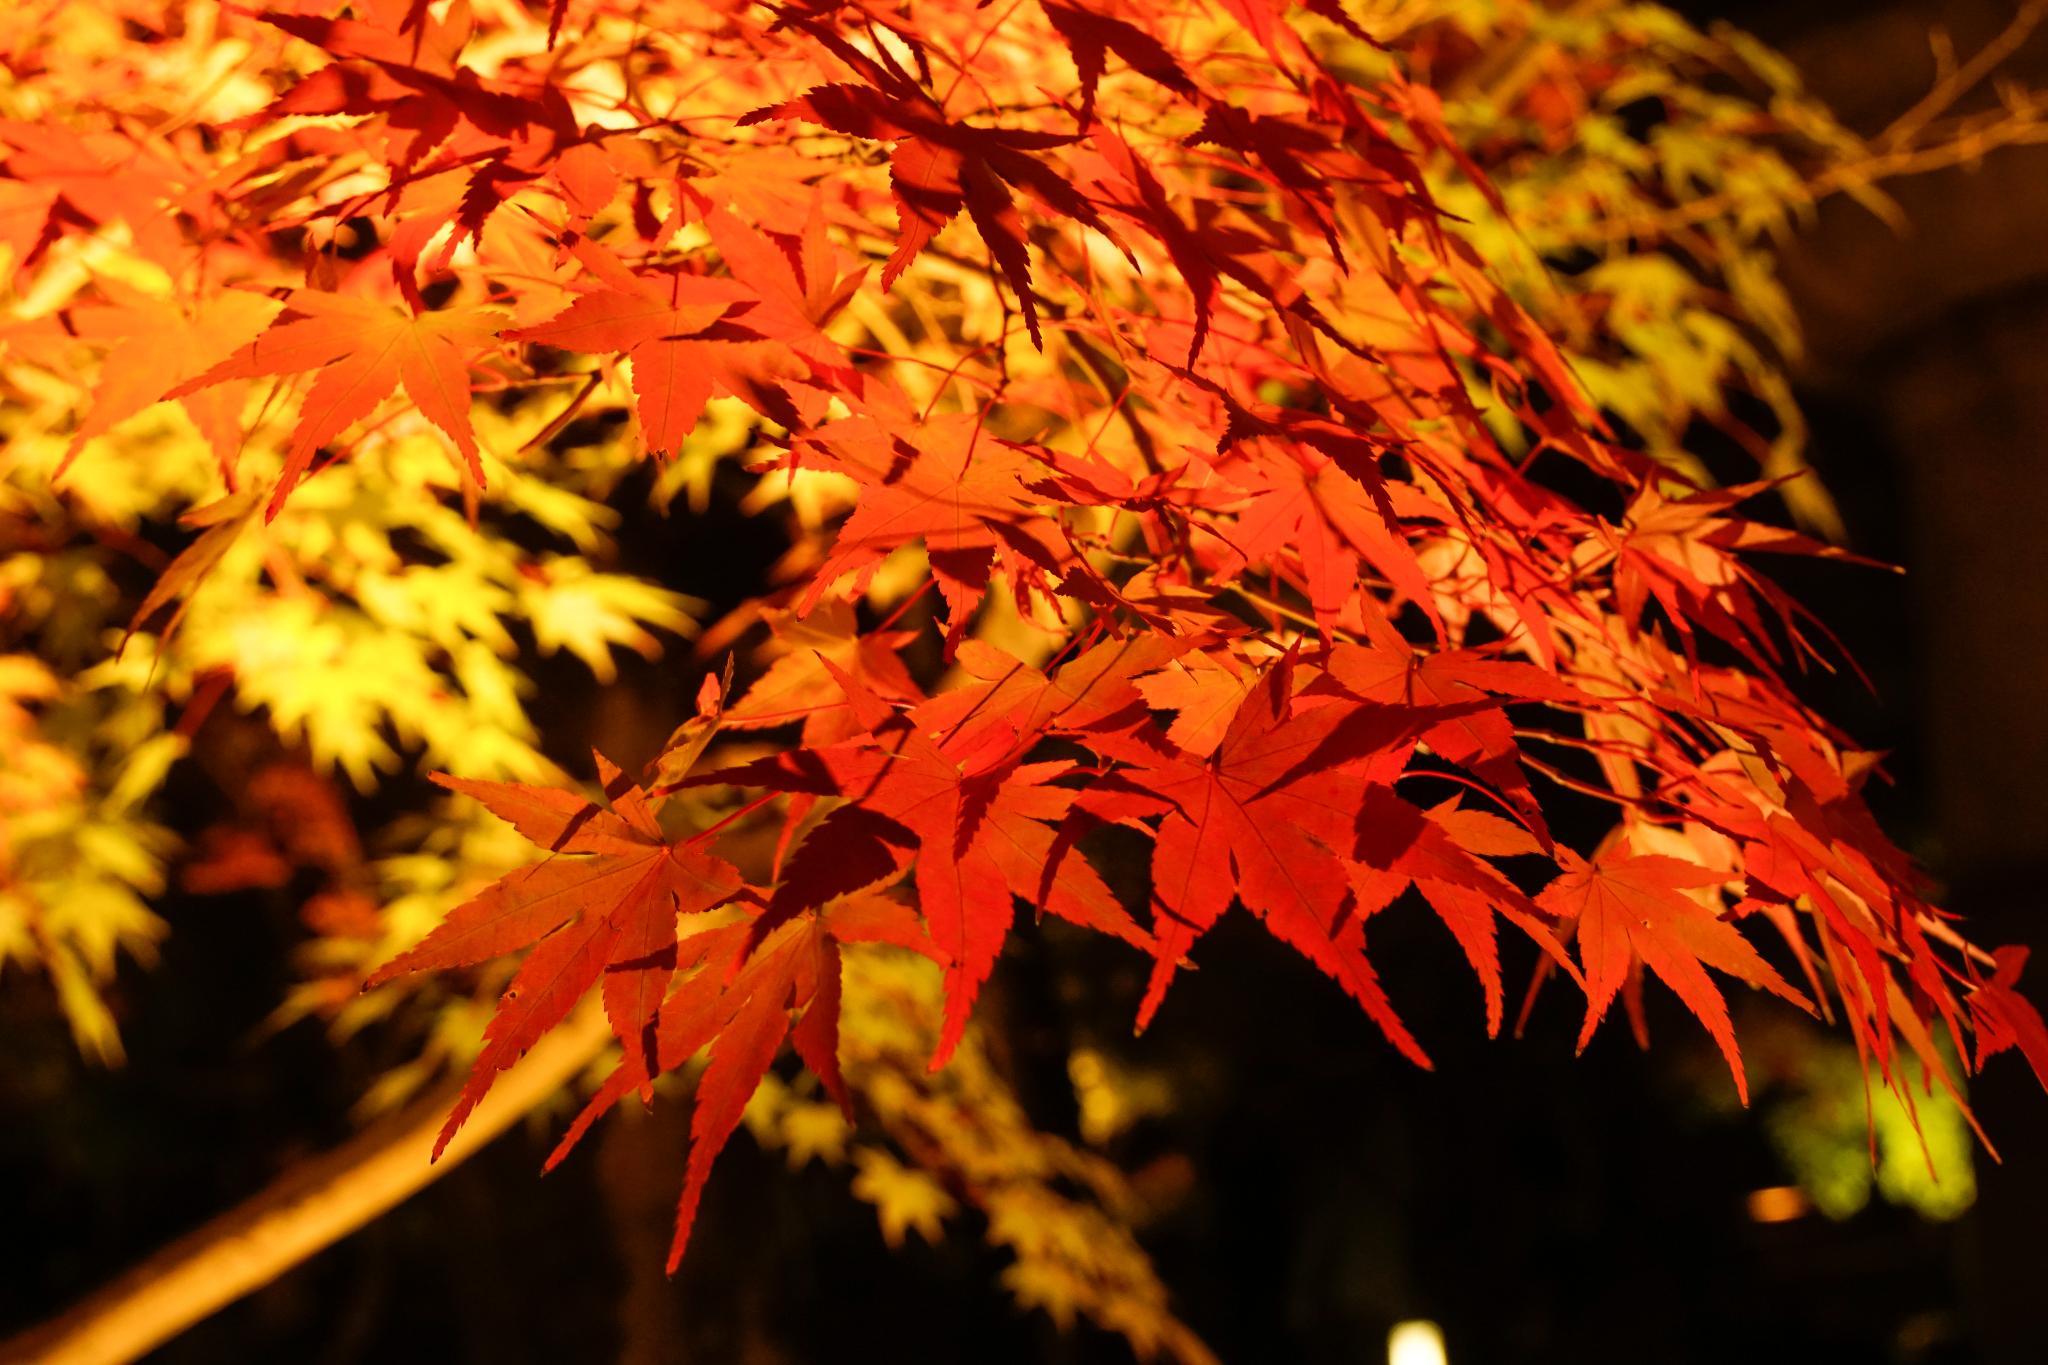 【京都】此生必來的紅葉狩絕景 - 永觀堂夜楓 135